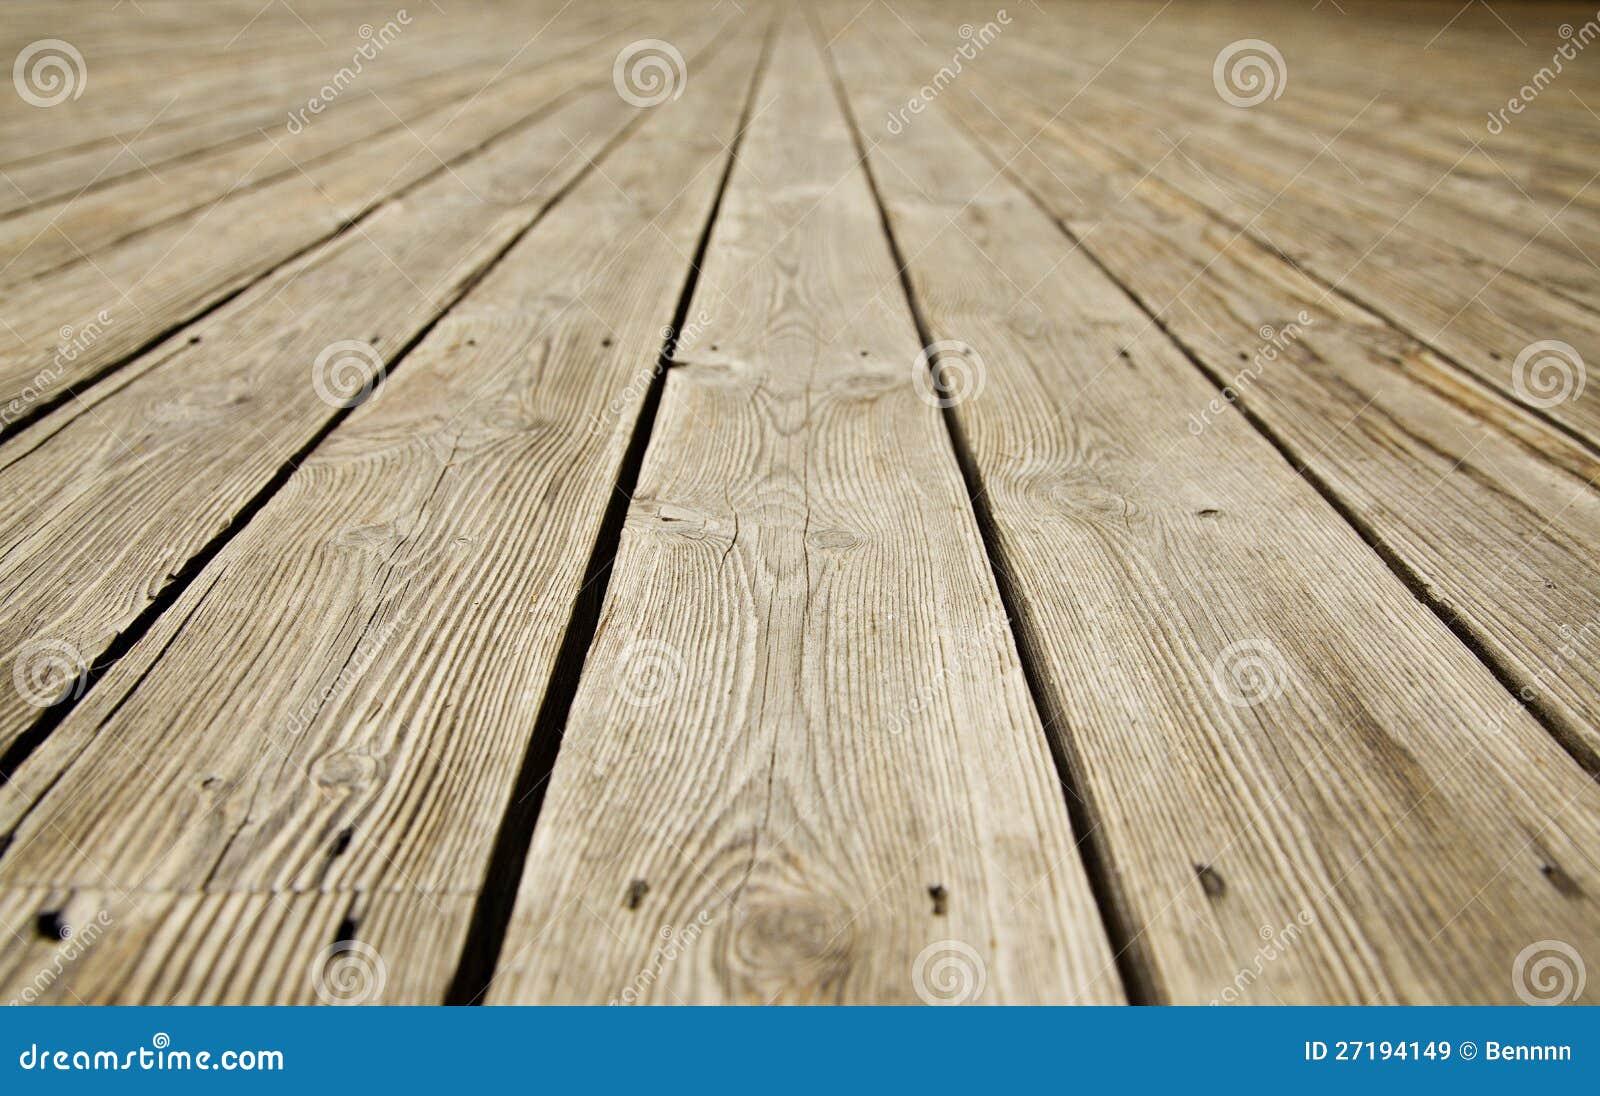 Oude Houten Vloeren : Textuur van oude houten vloer stock afbeelding afbeelding